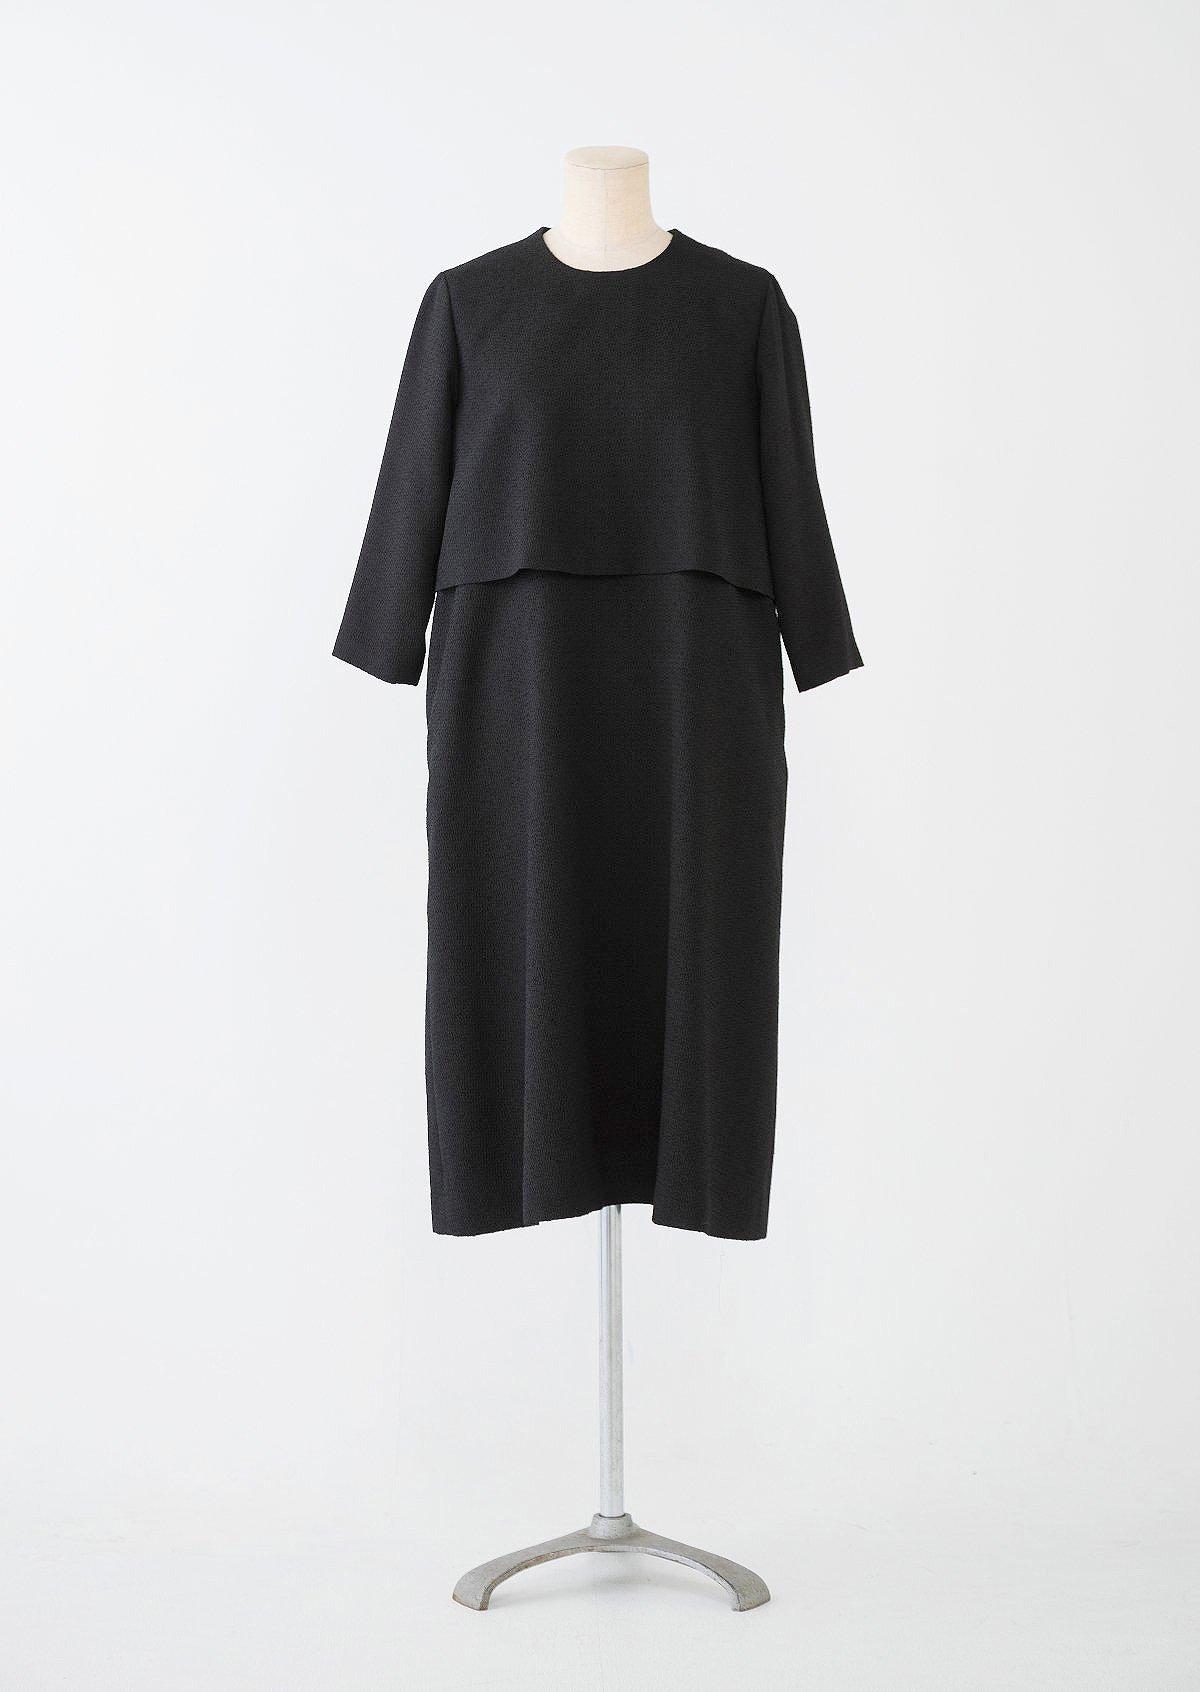 ブラックケープドレス